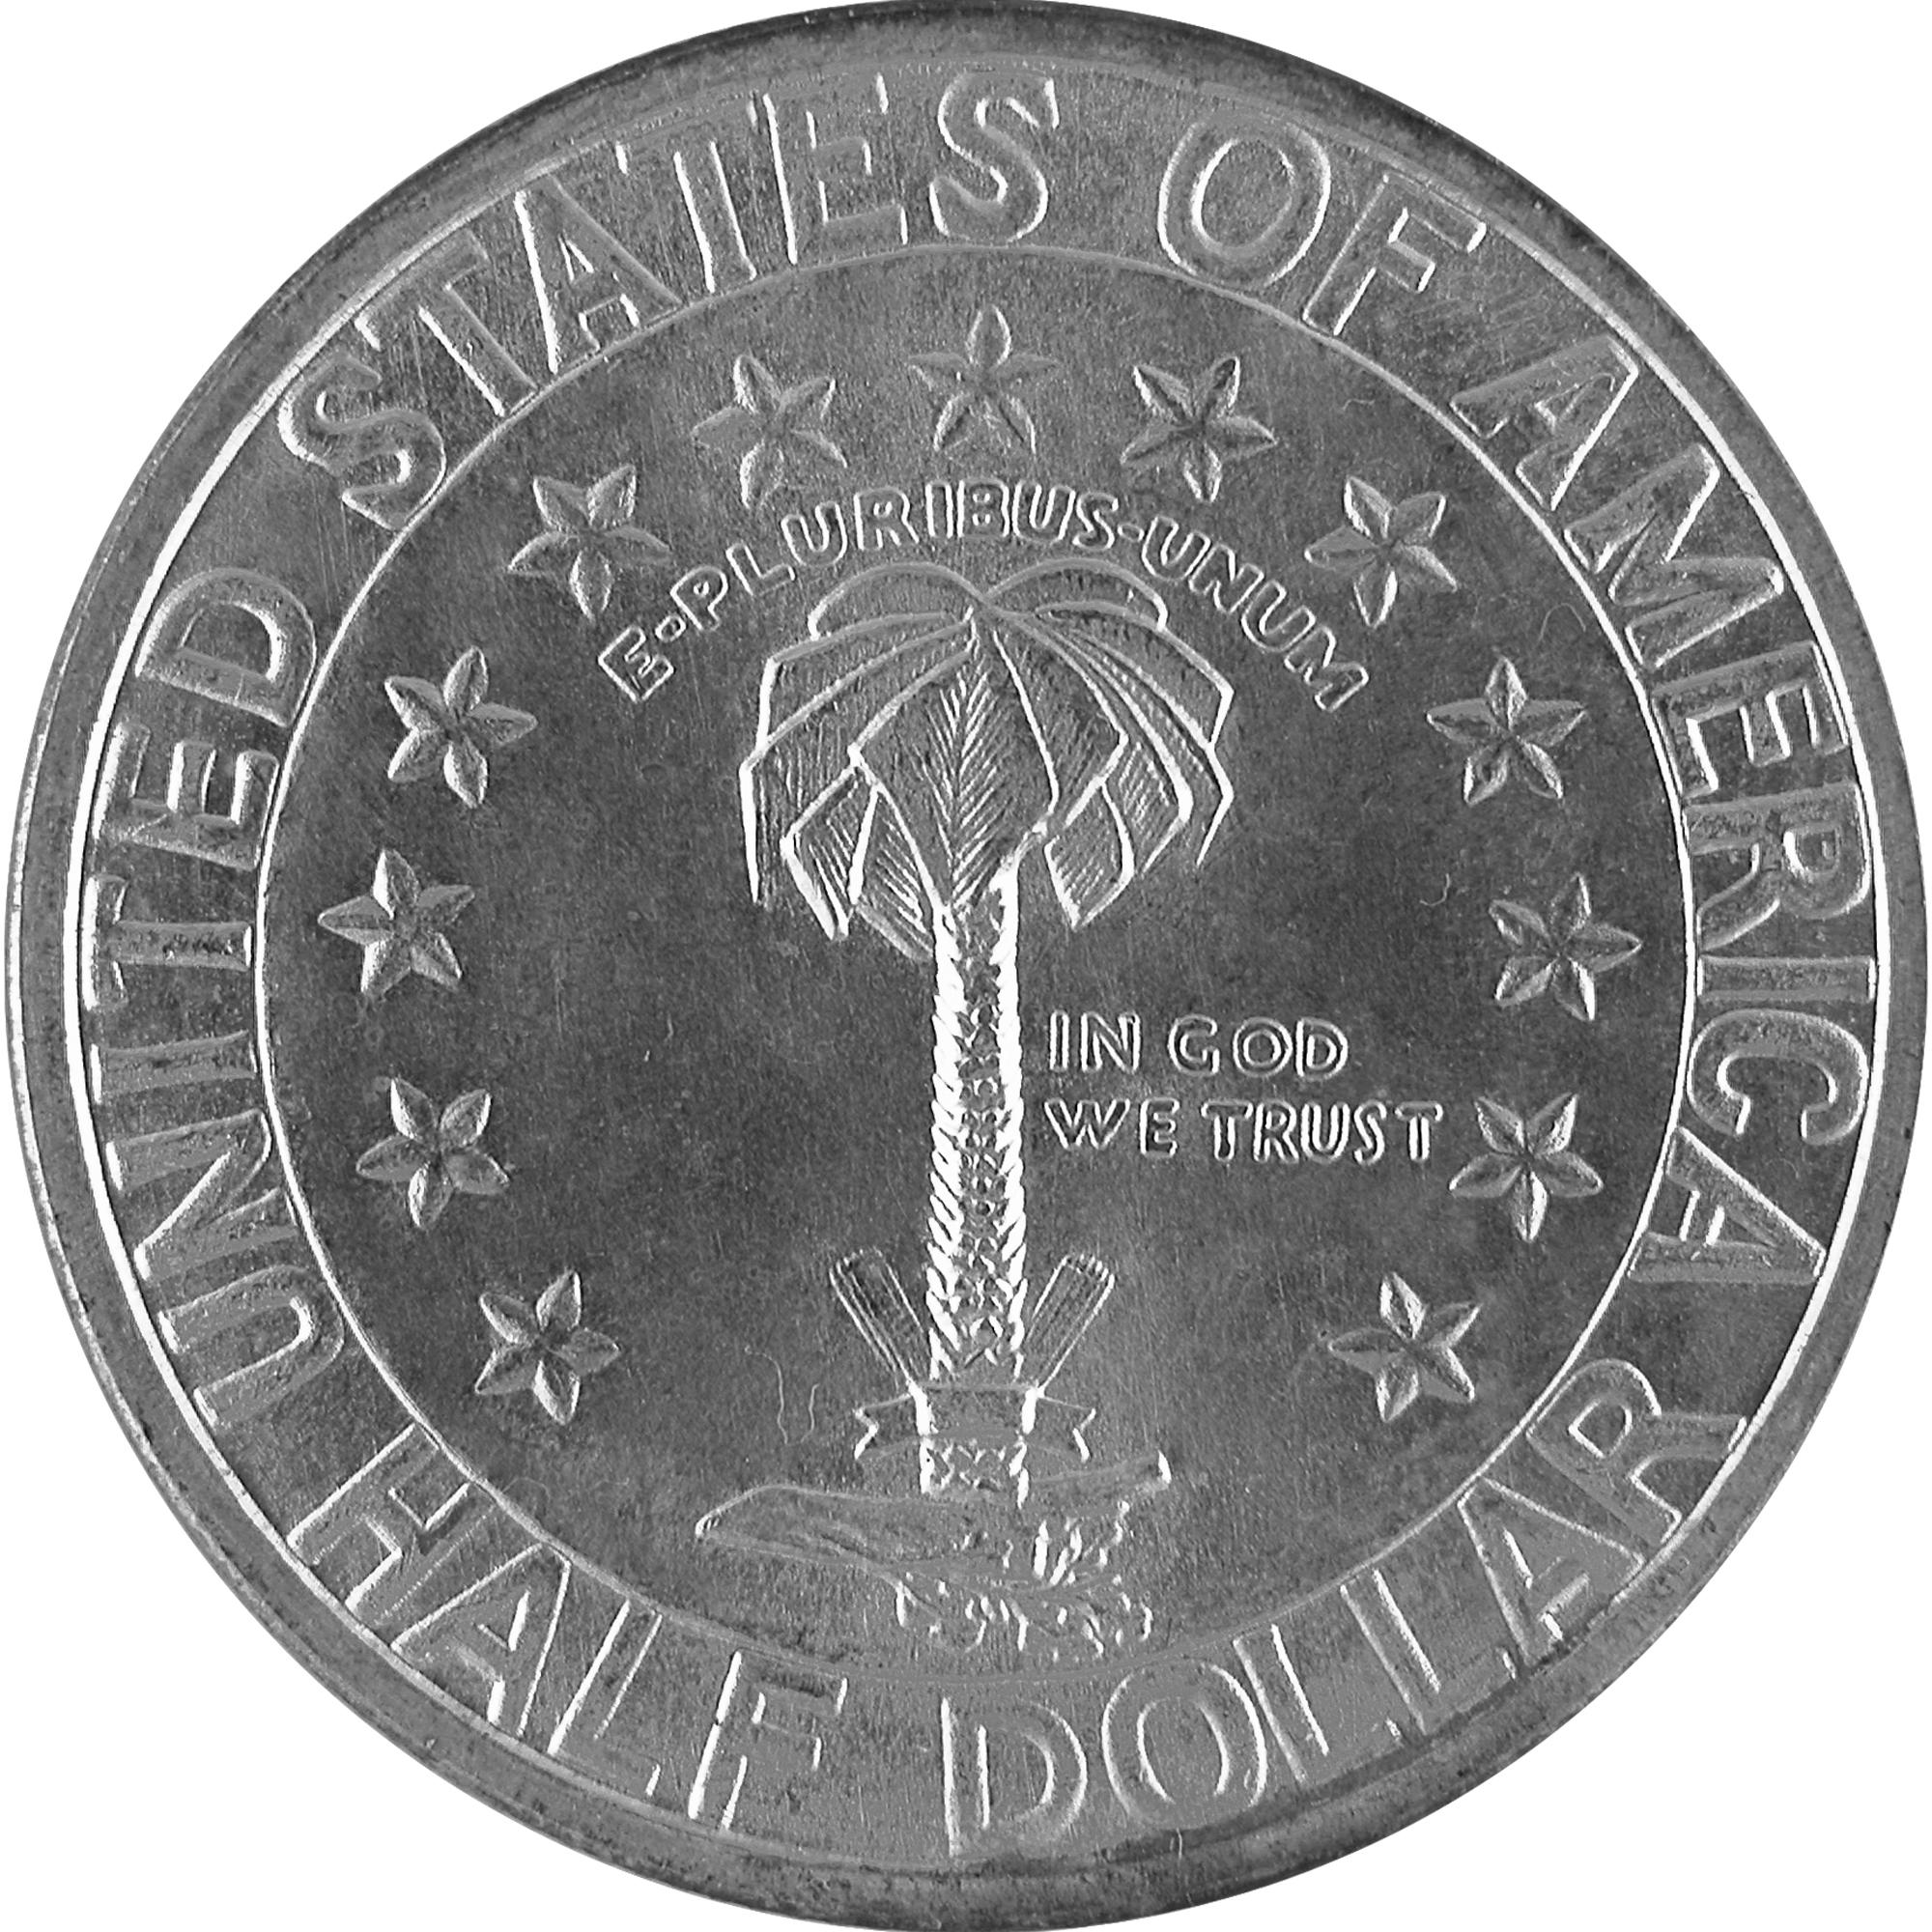 1936 Columbia South Carolina Sesquicentennial Commemorative Silver Half Dollar Coin Reverse